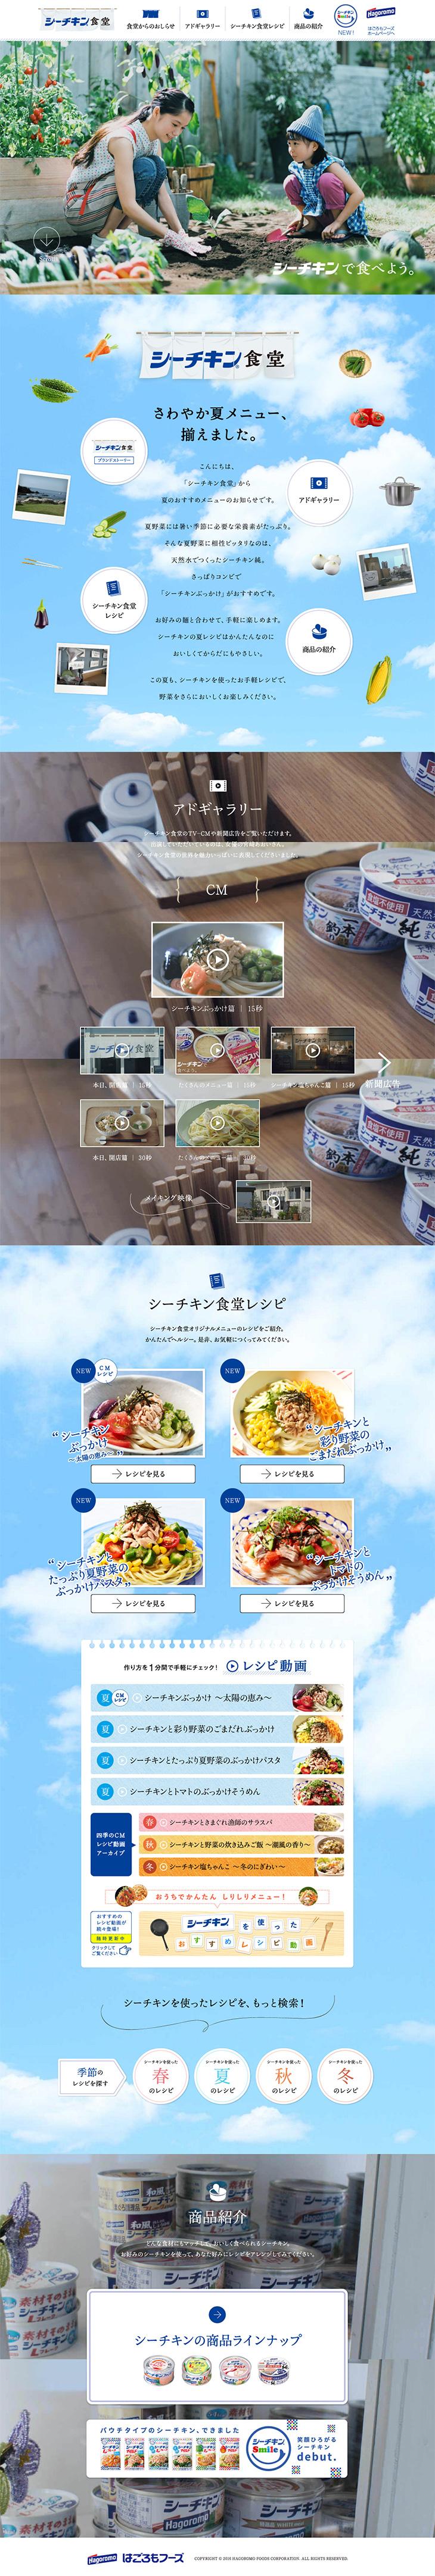 シーチキン食堂【食品関連】のLPデザイン。WEBデザイナーさん必見!ランディングページのデザイン参考に(シンプル系)